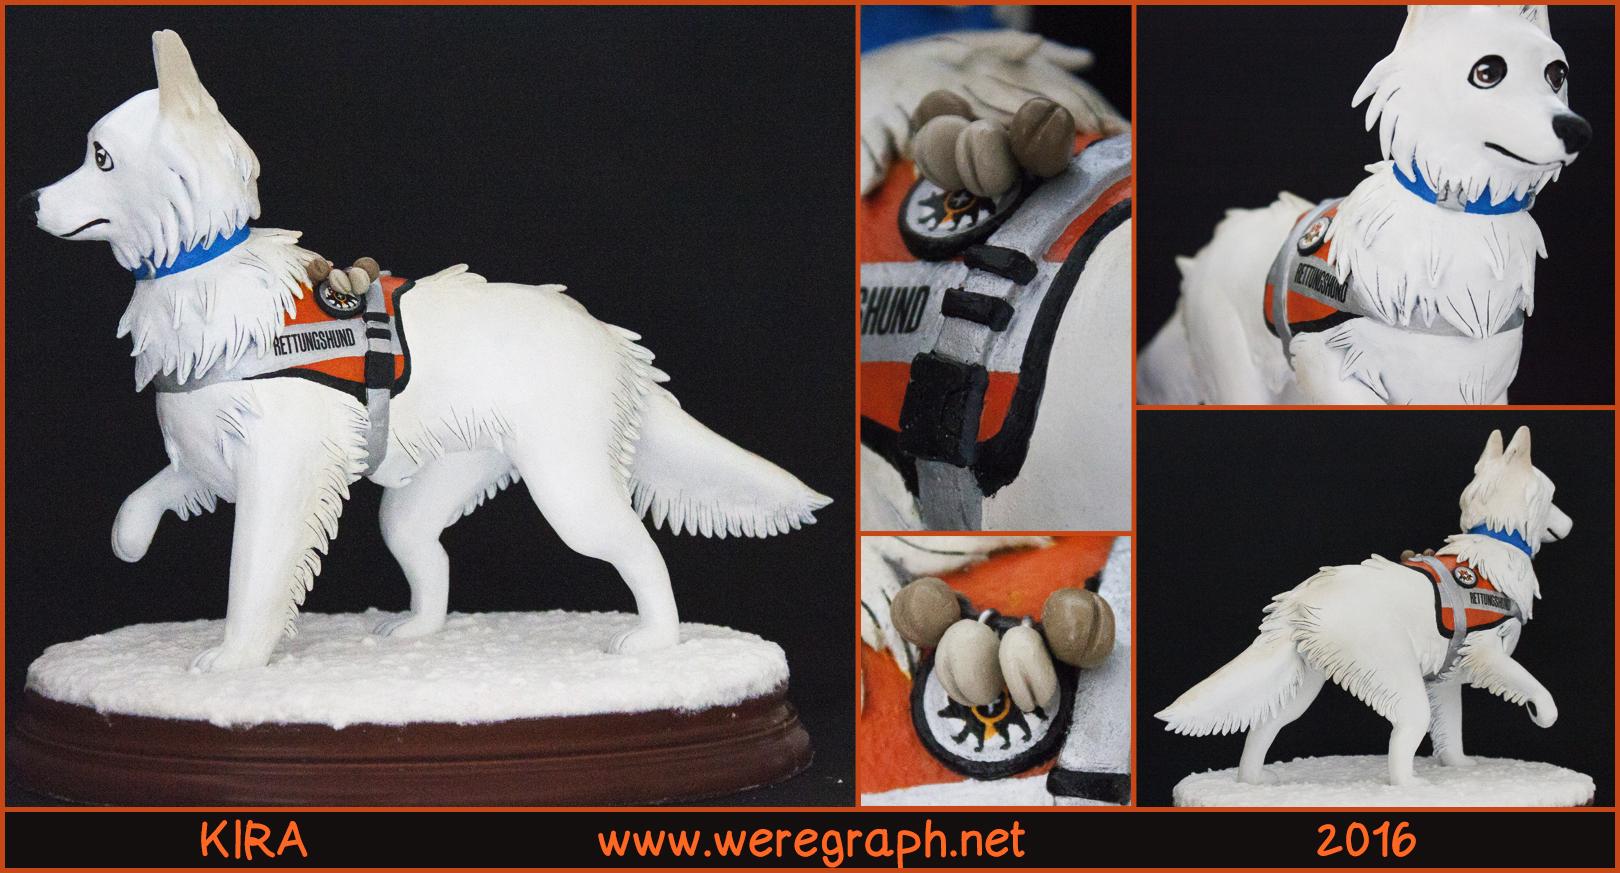 <b>KIRA : </b><br/>Sculpture réalisée en mémoire de Kira, berger blanc suisse qui a travaillé comme chien sauveteur en Allemagne. <br>Matériaux: Structure en métal, aluminium, fimo air, super sculpey, sculpey firm, peinture acrylique. <br>Mars 2016<br/>